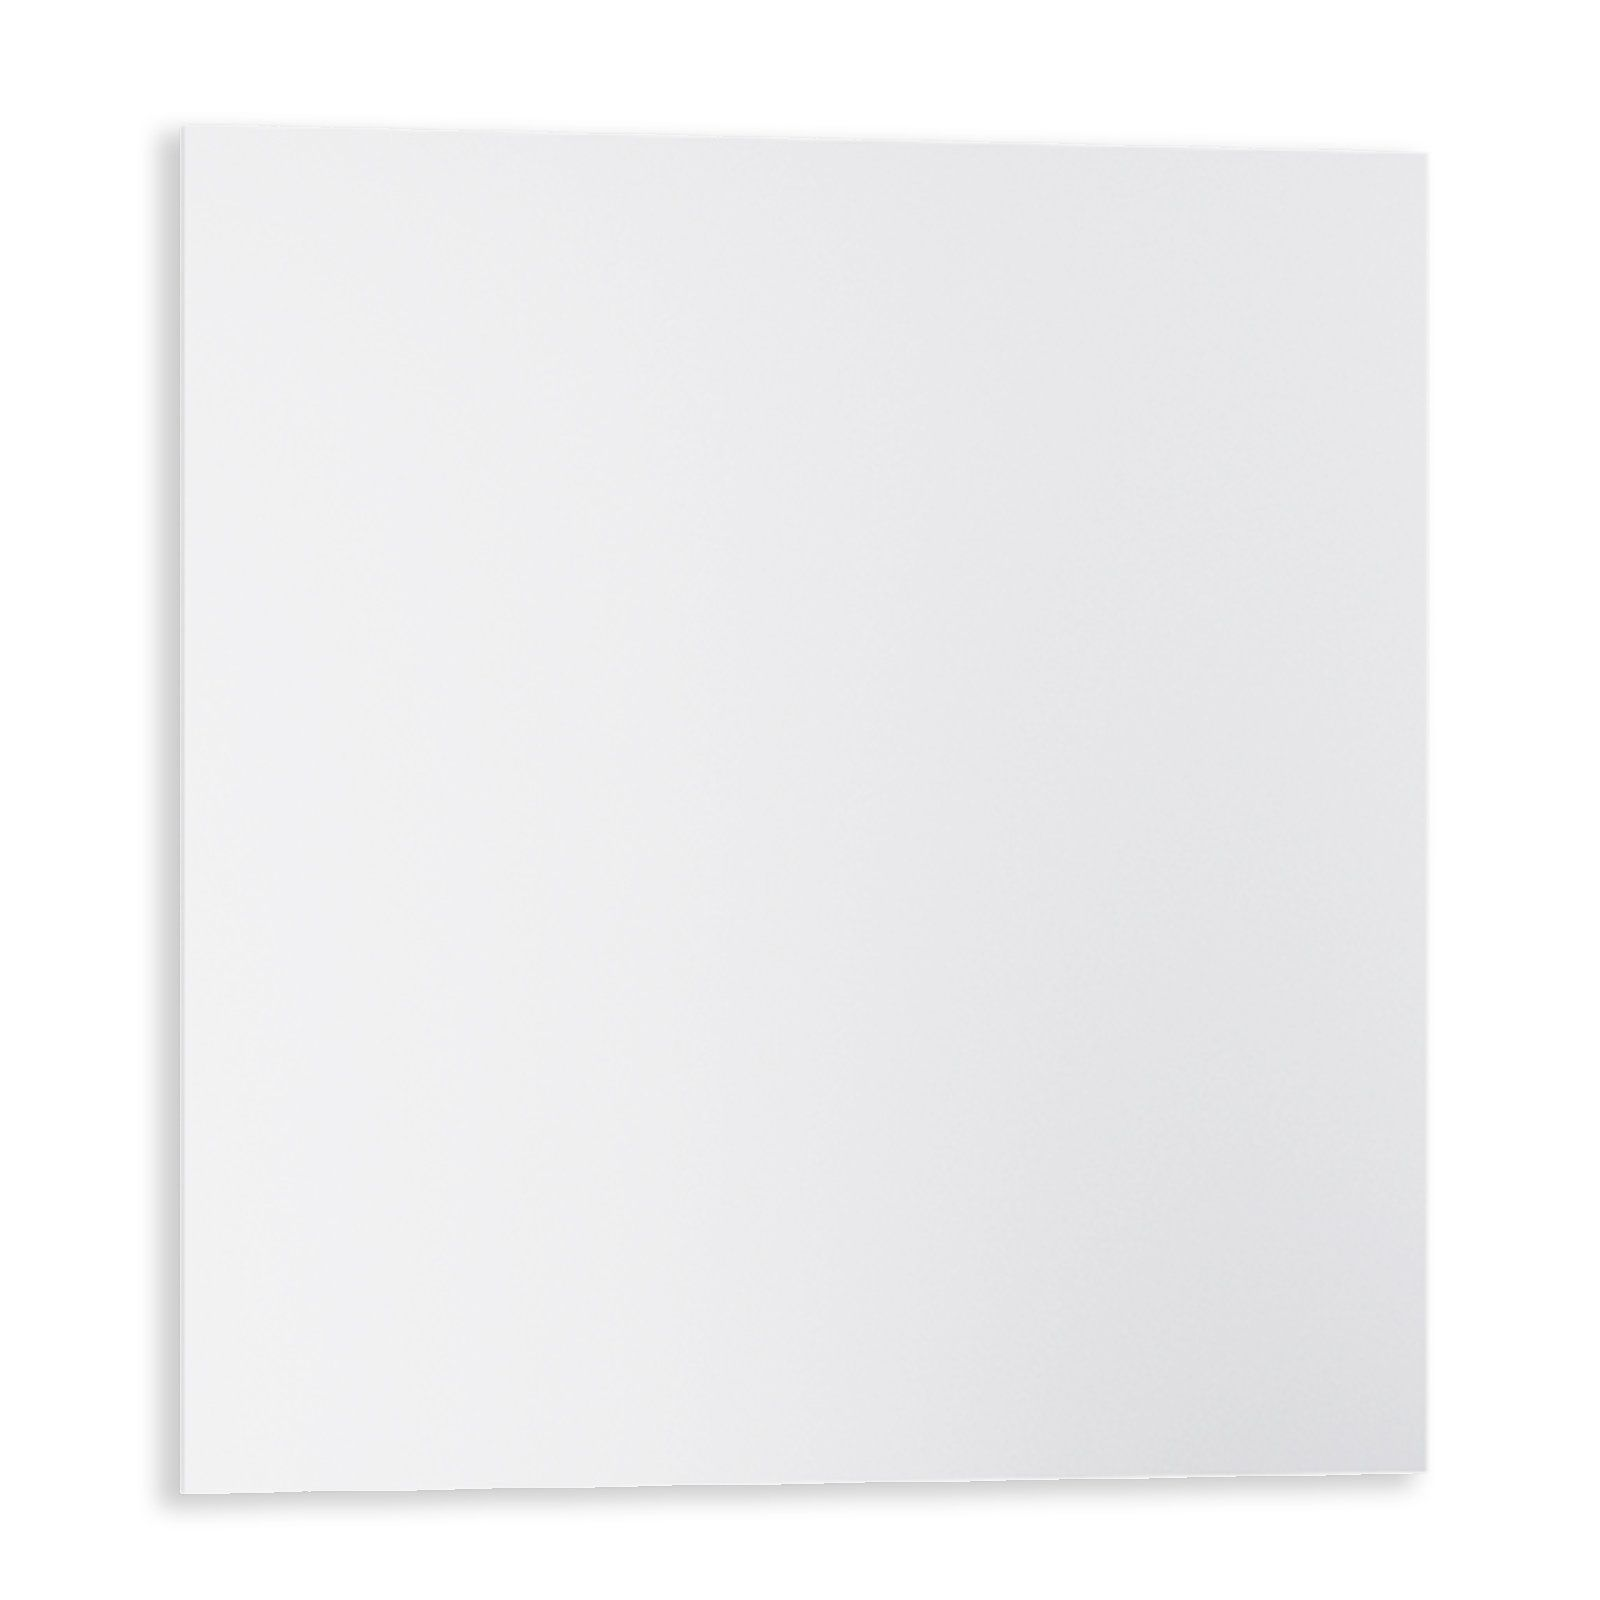 Badezimmerspiegel 60x60.Spiegel Robin Mit Aufhangung 60x60 Cm Badspiegel Spiegel Deko Haushalt Badspiegel Spiegel Badezimmerspiegel